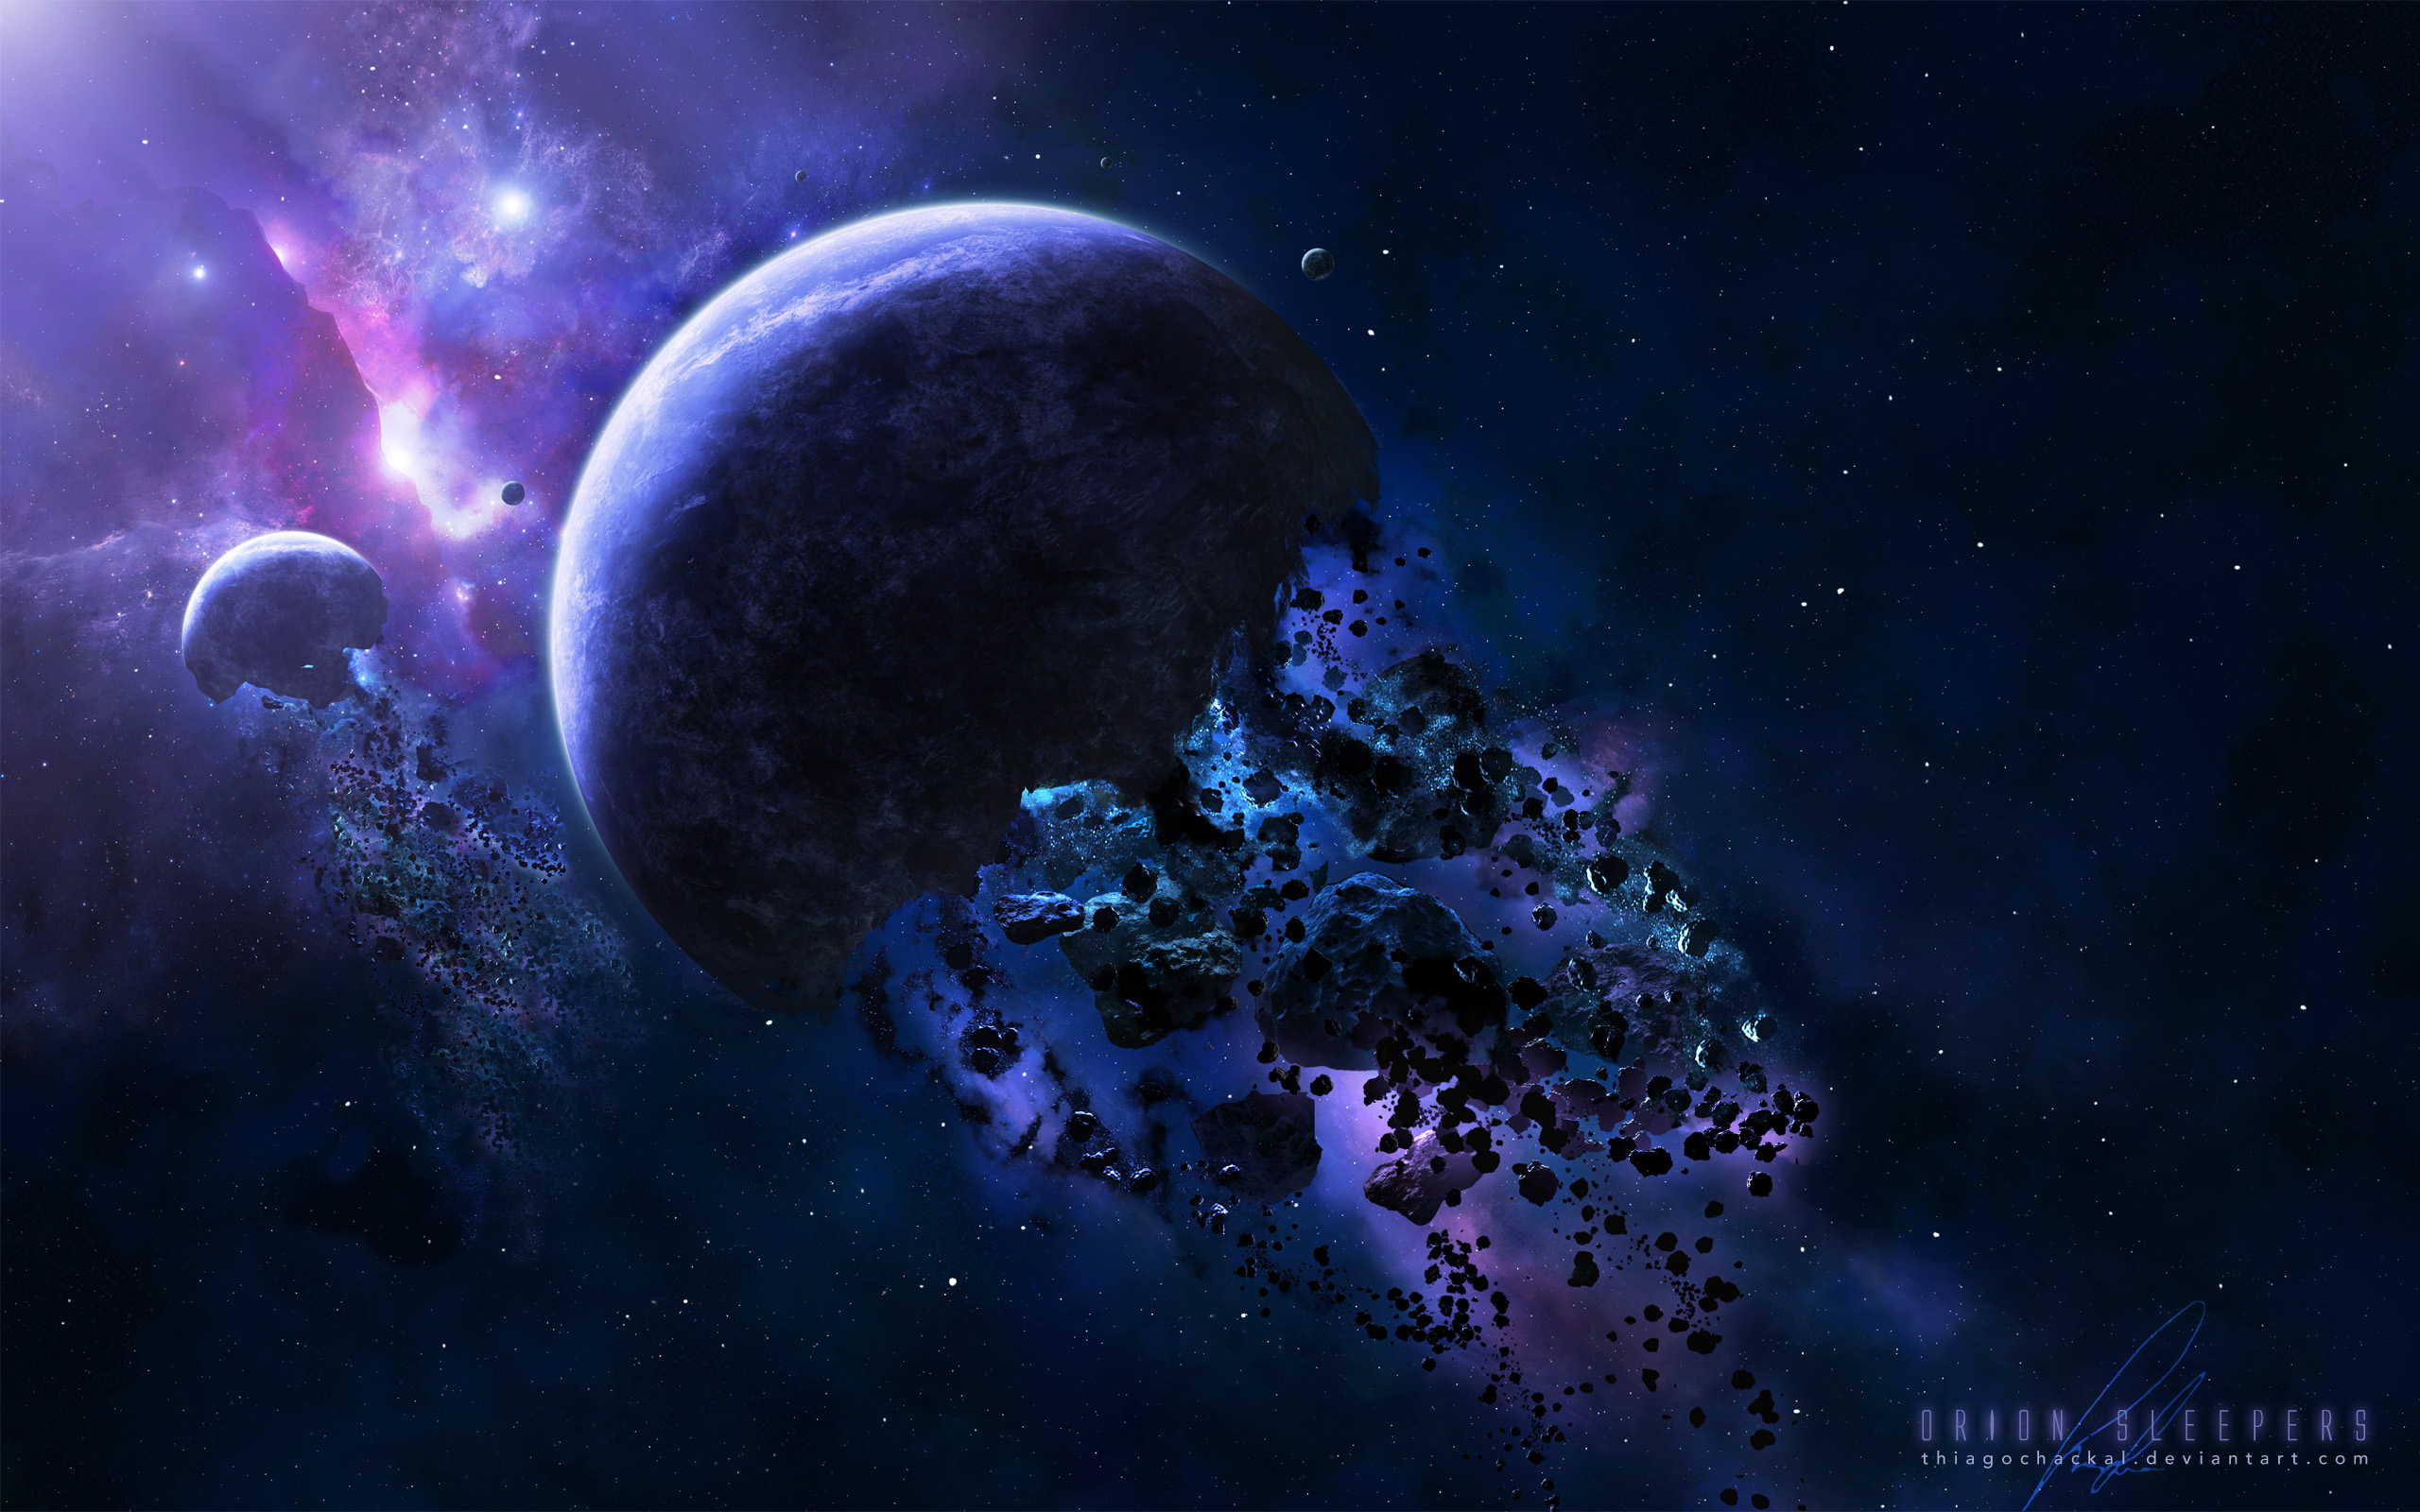 Обои Земля планета космос картинки на рабочий стол на тему Космос - скачать  № 3551610 бесплатно